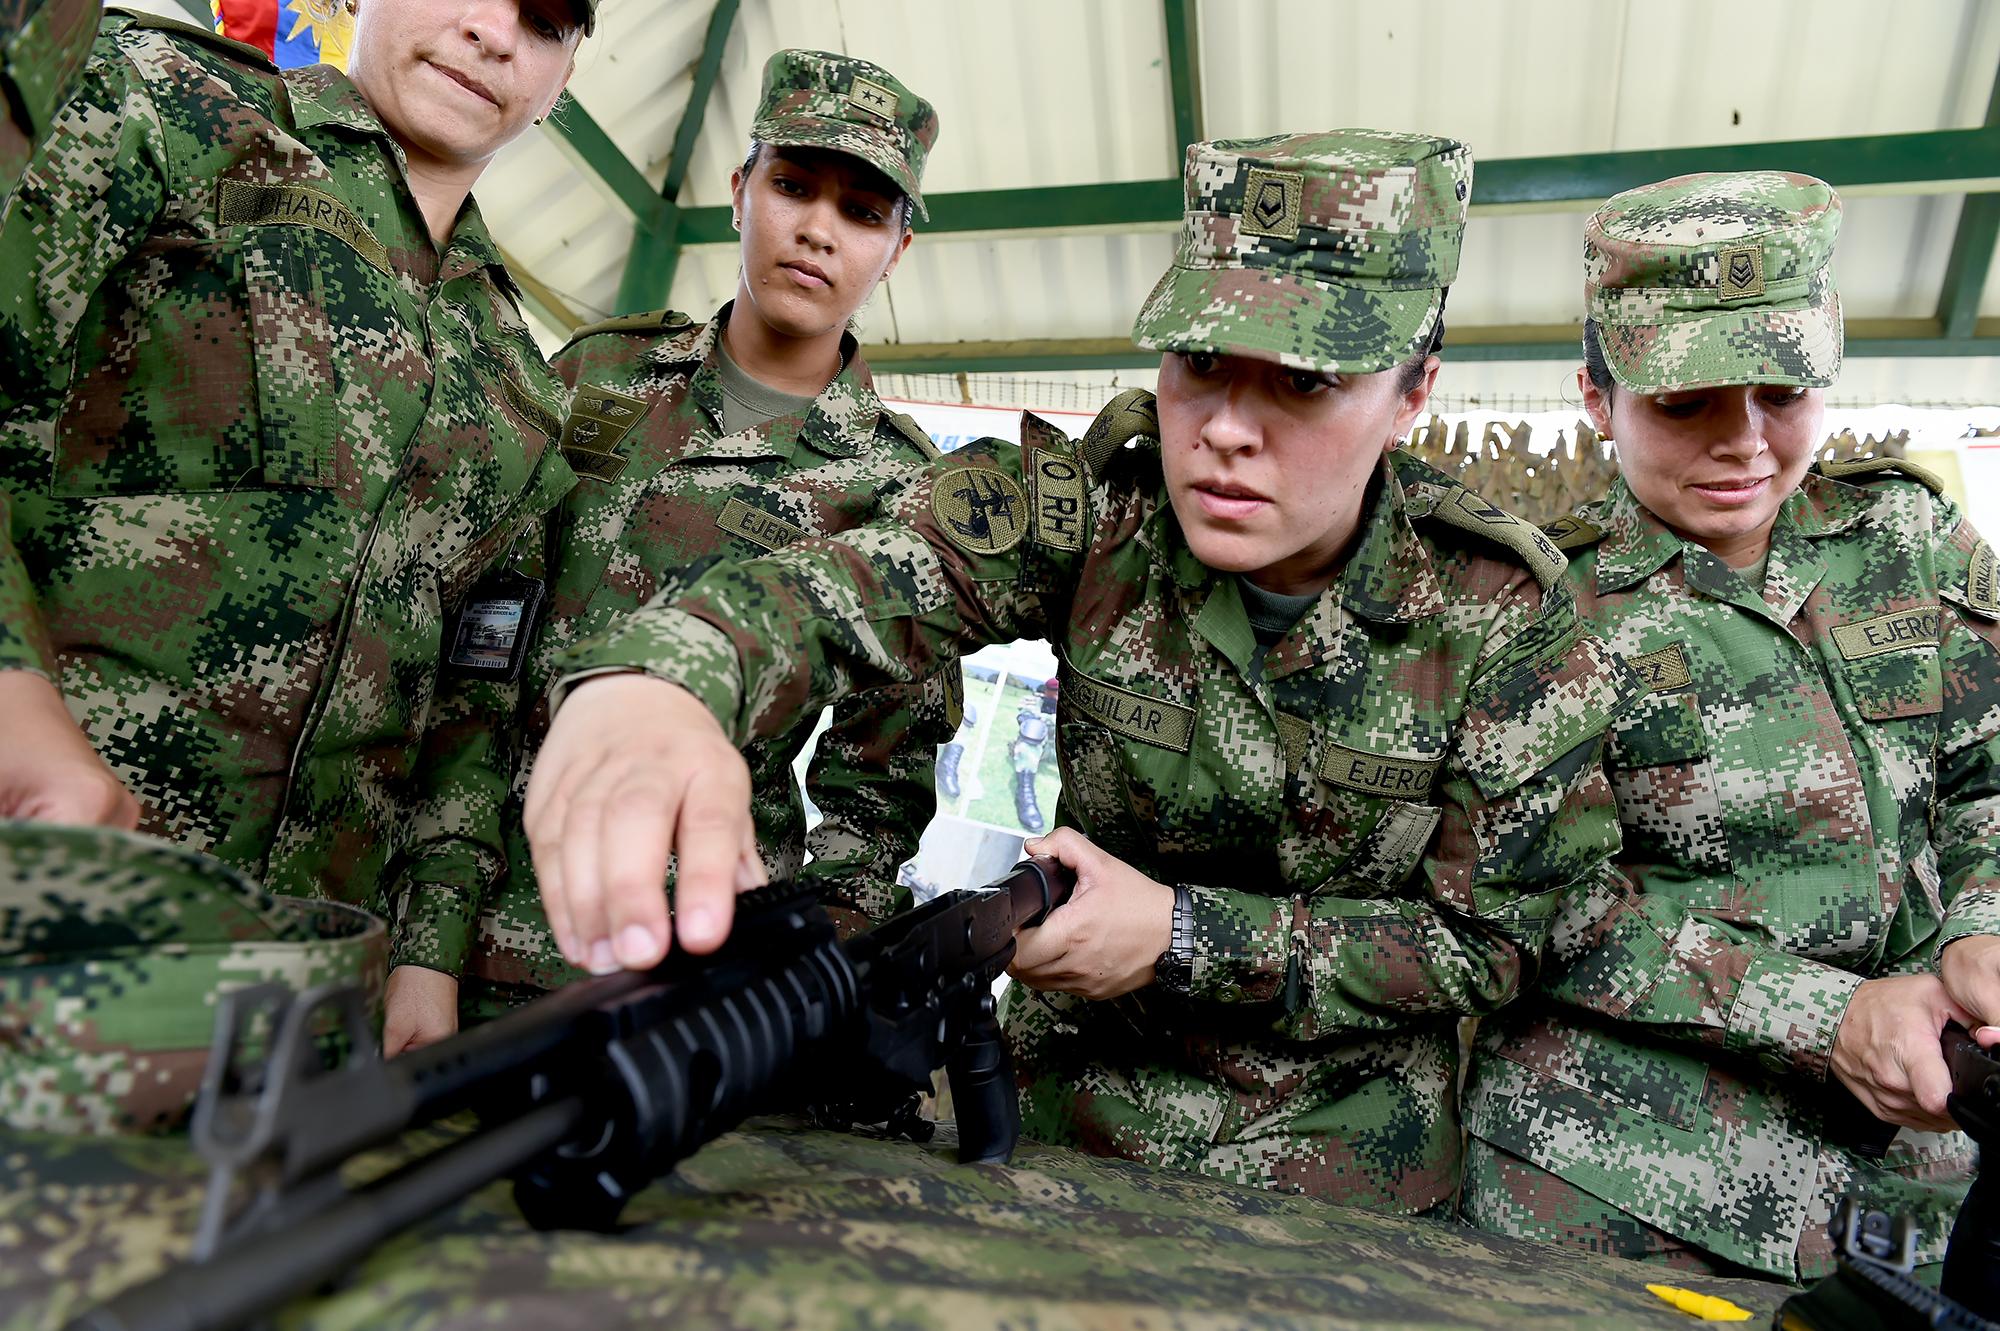 Chicas en el Ejército